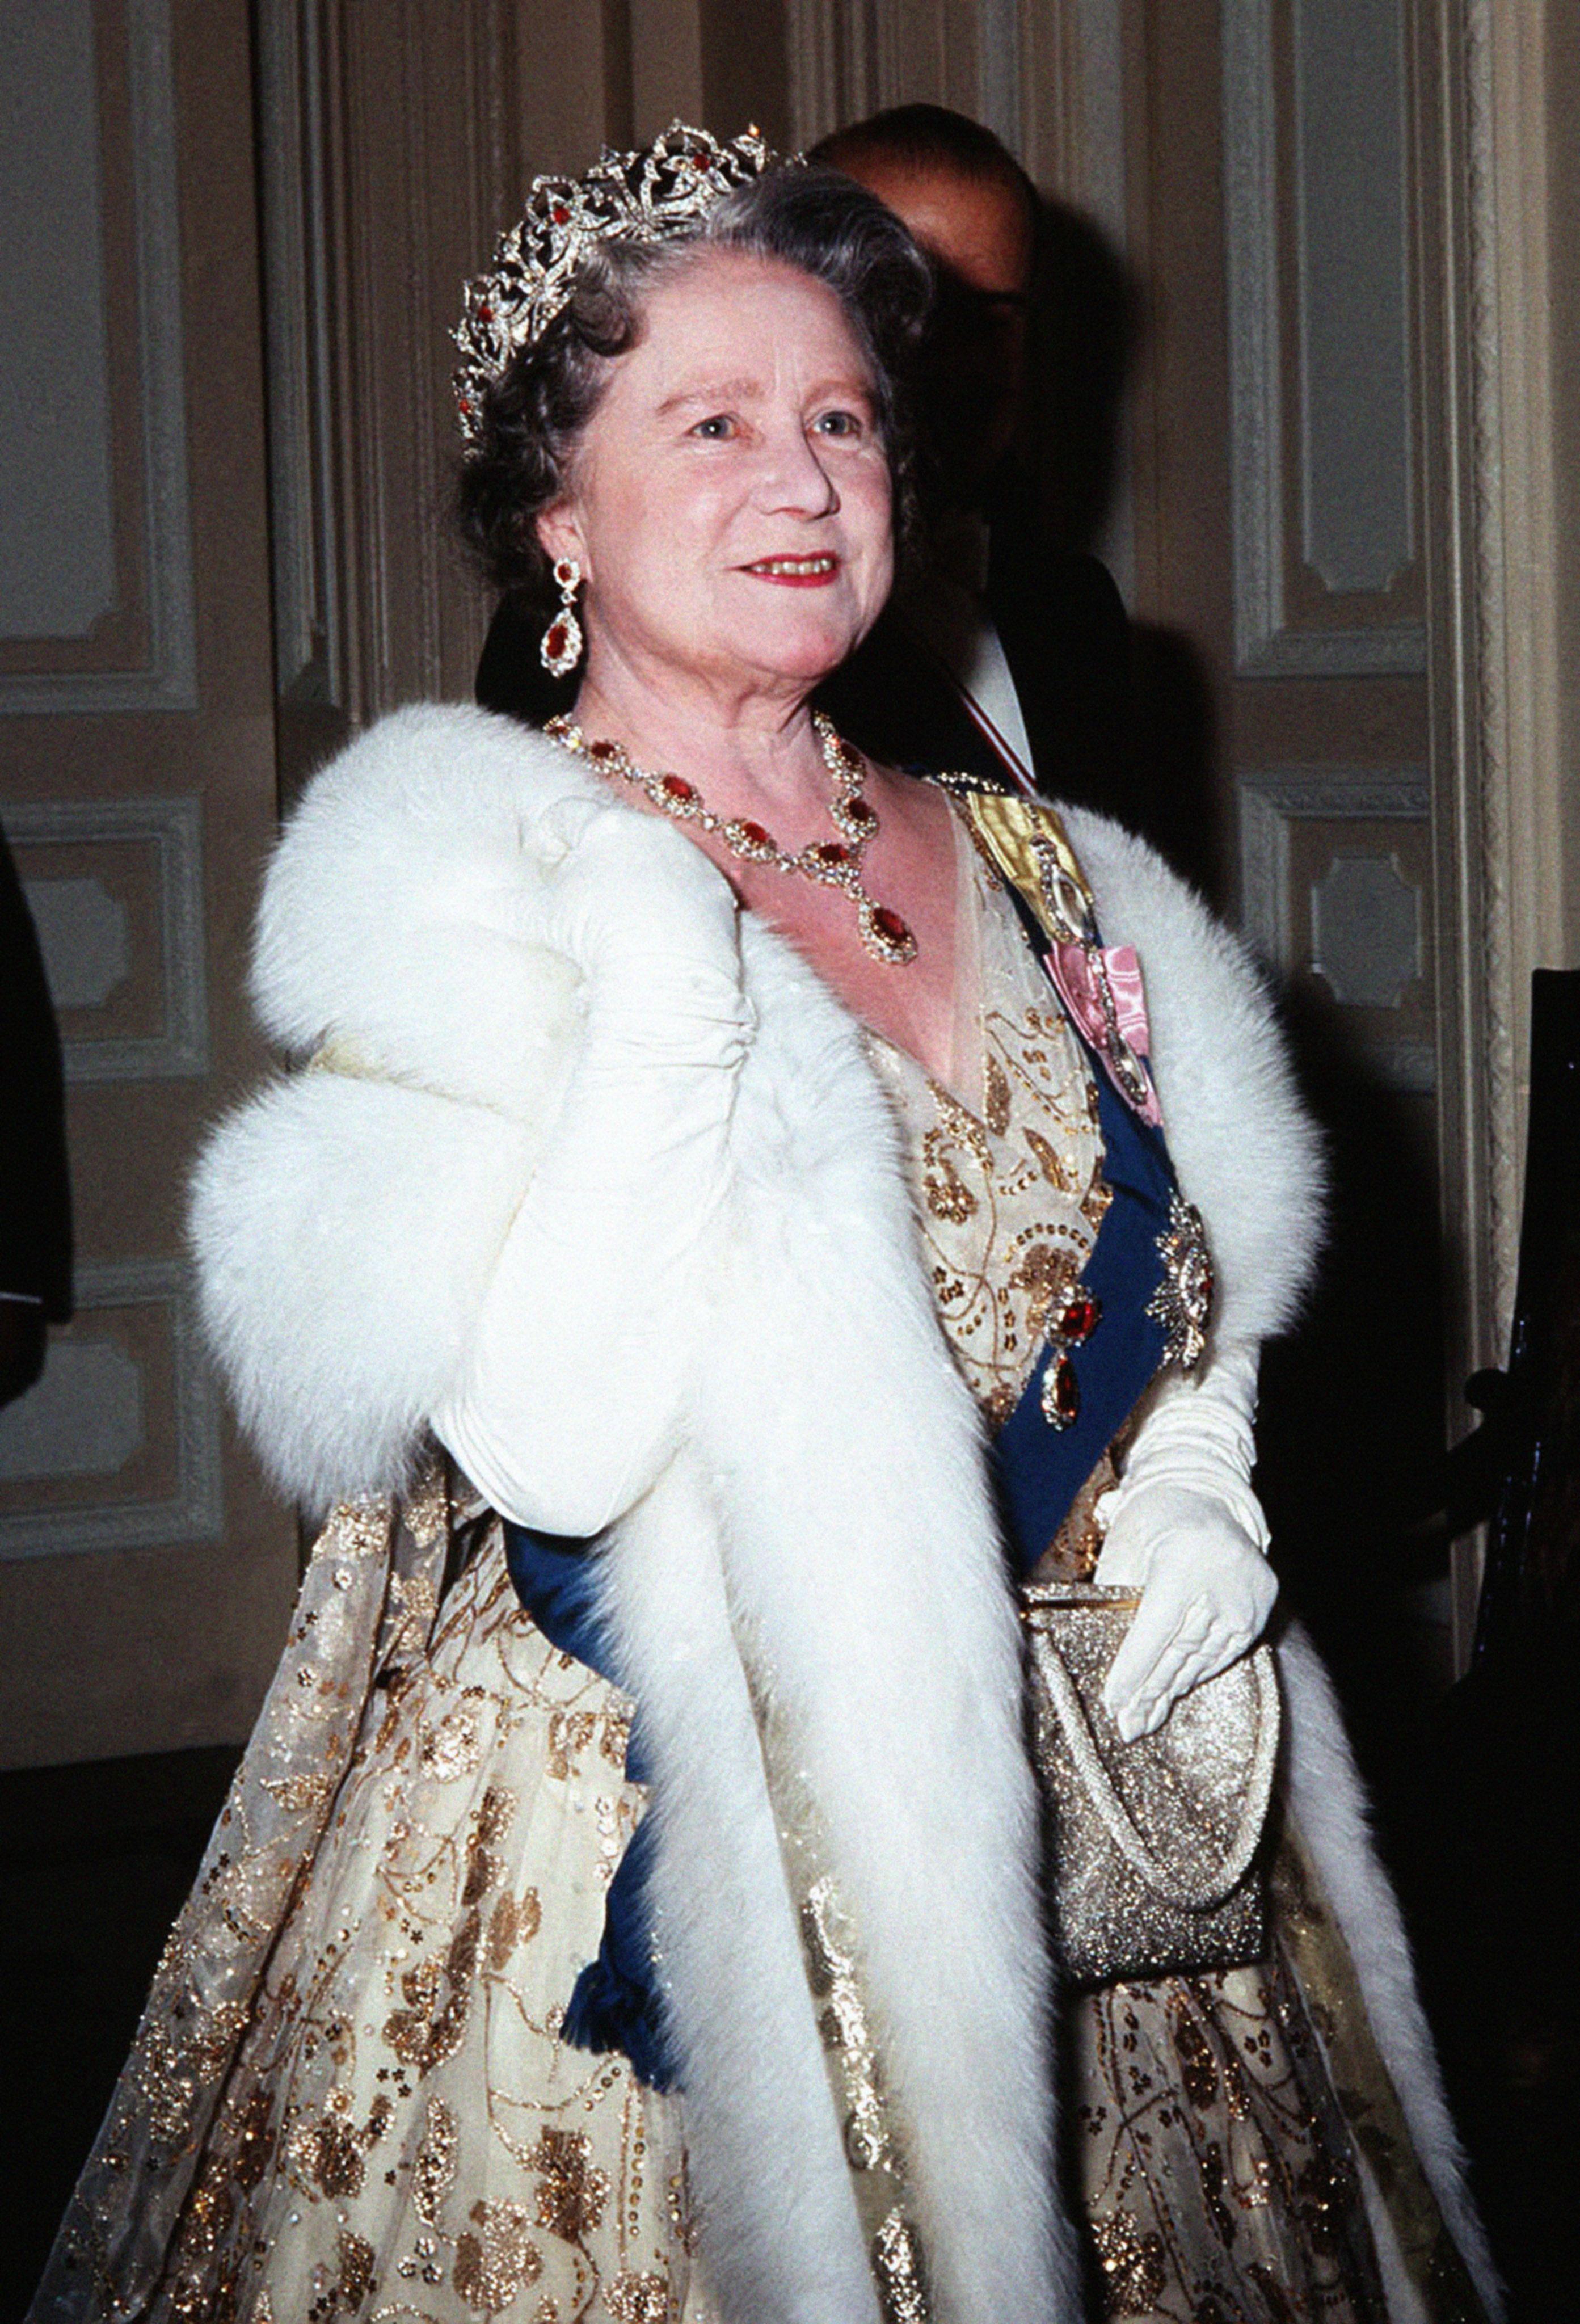 Ezsébet anyakirályné, ruháján a királyi családi rangjelzéseivel, melyeket férjétől és lányától kapott.